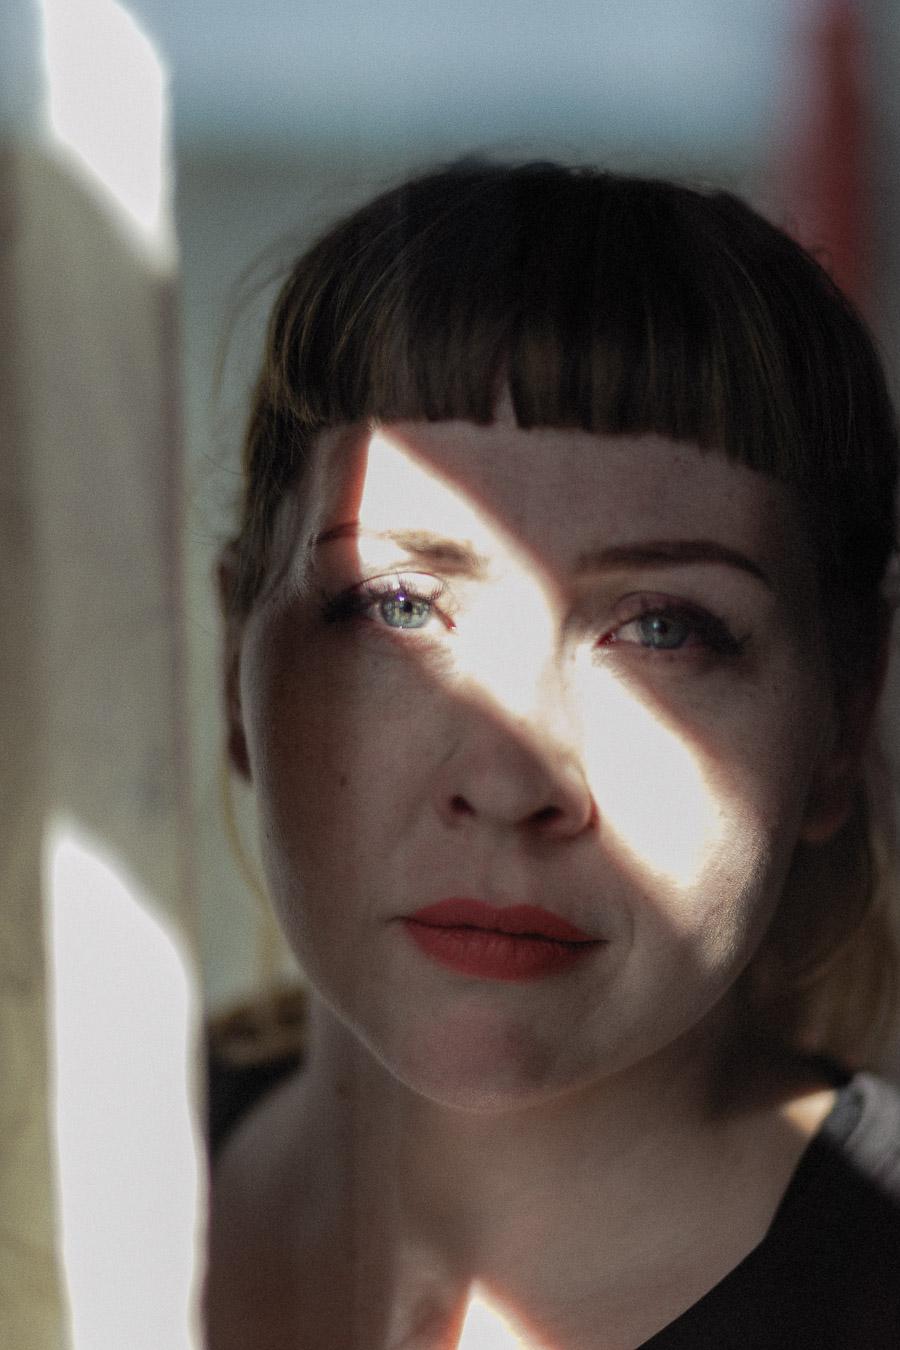 FOTOWORKSHOP: Licht, Gestaltung, Farbe - das kreative Porträt